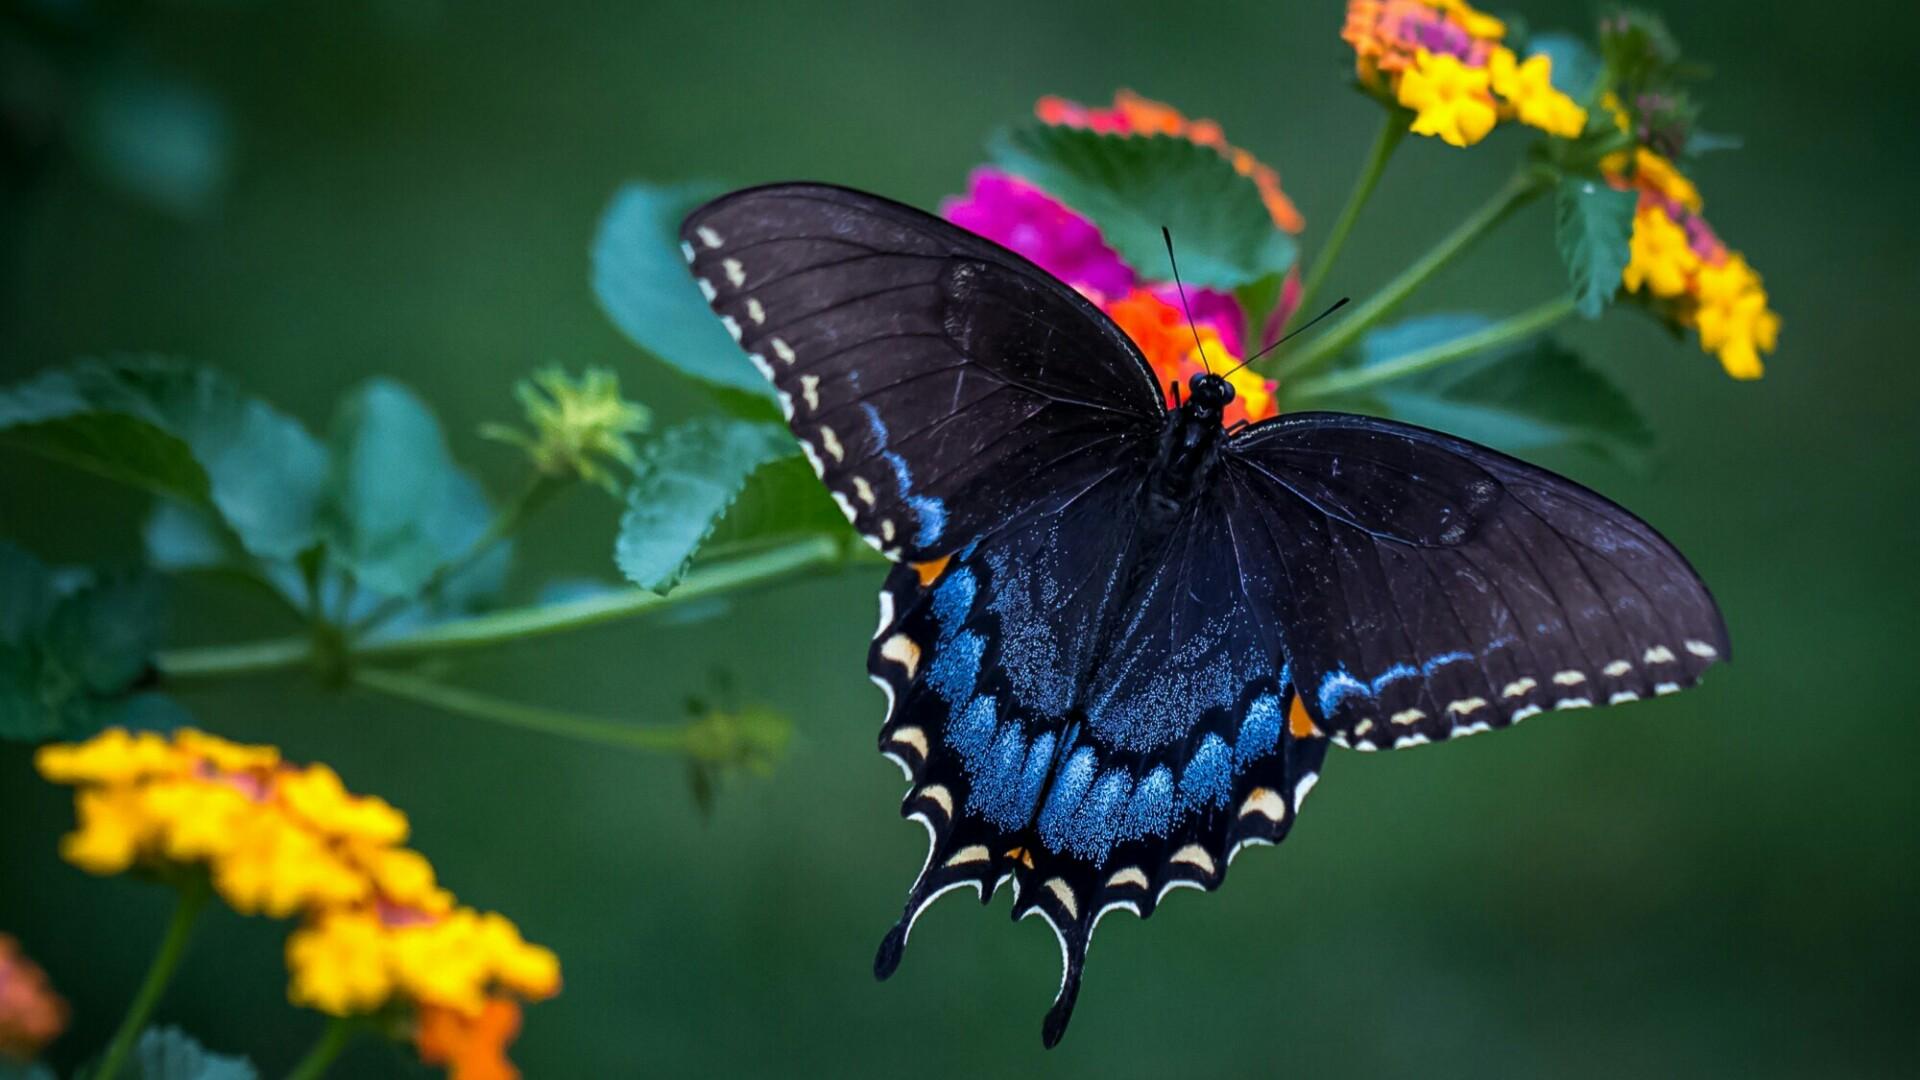 Wonderful butterfly macro photo wallpaper